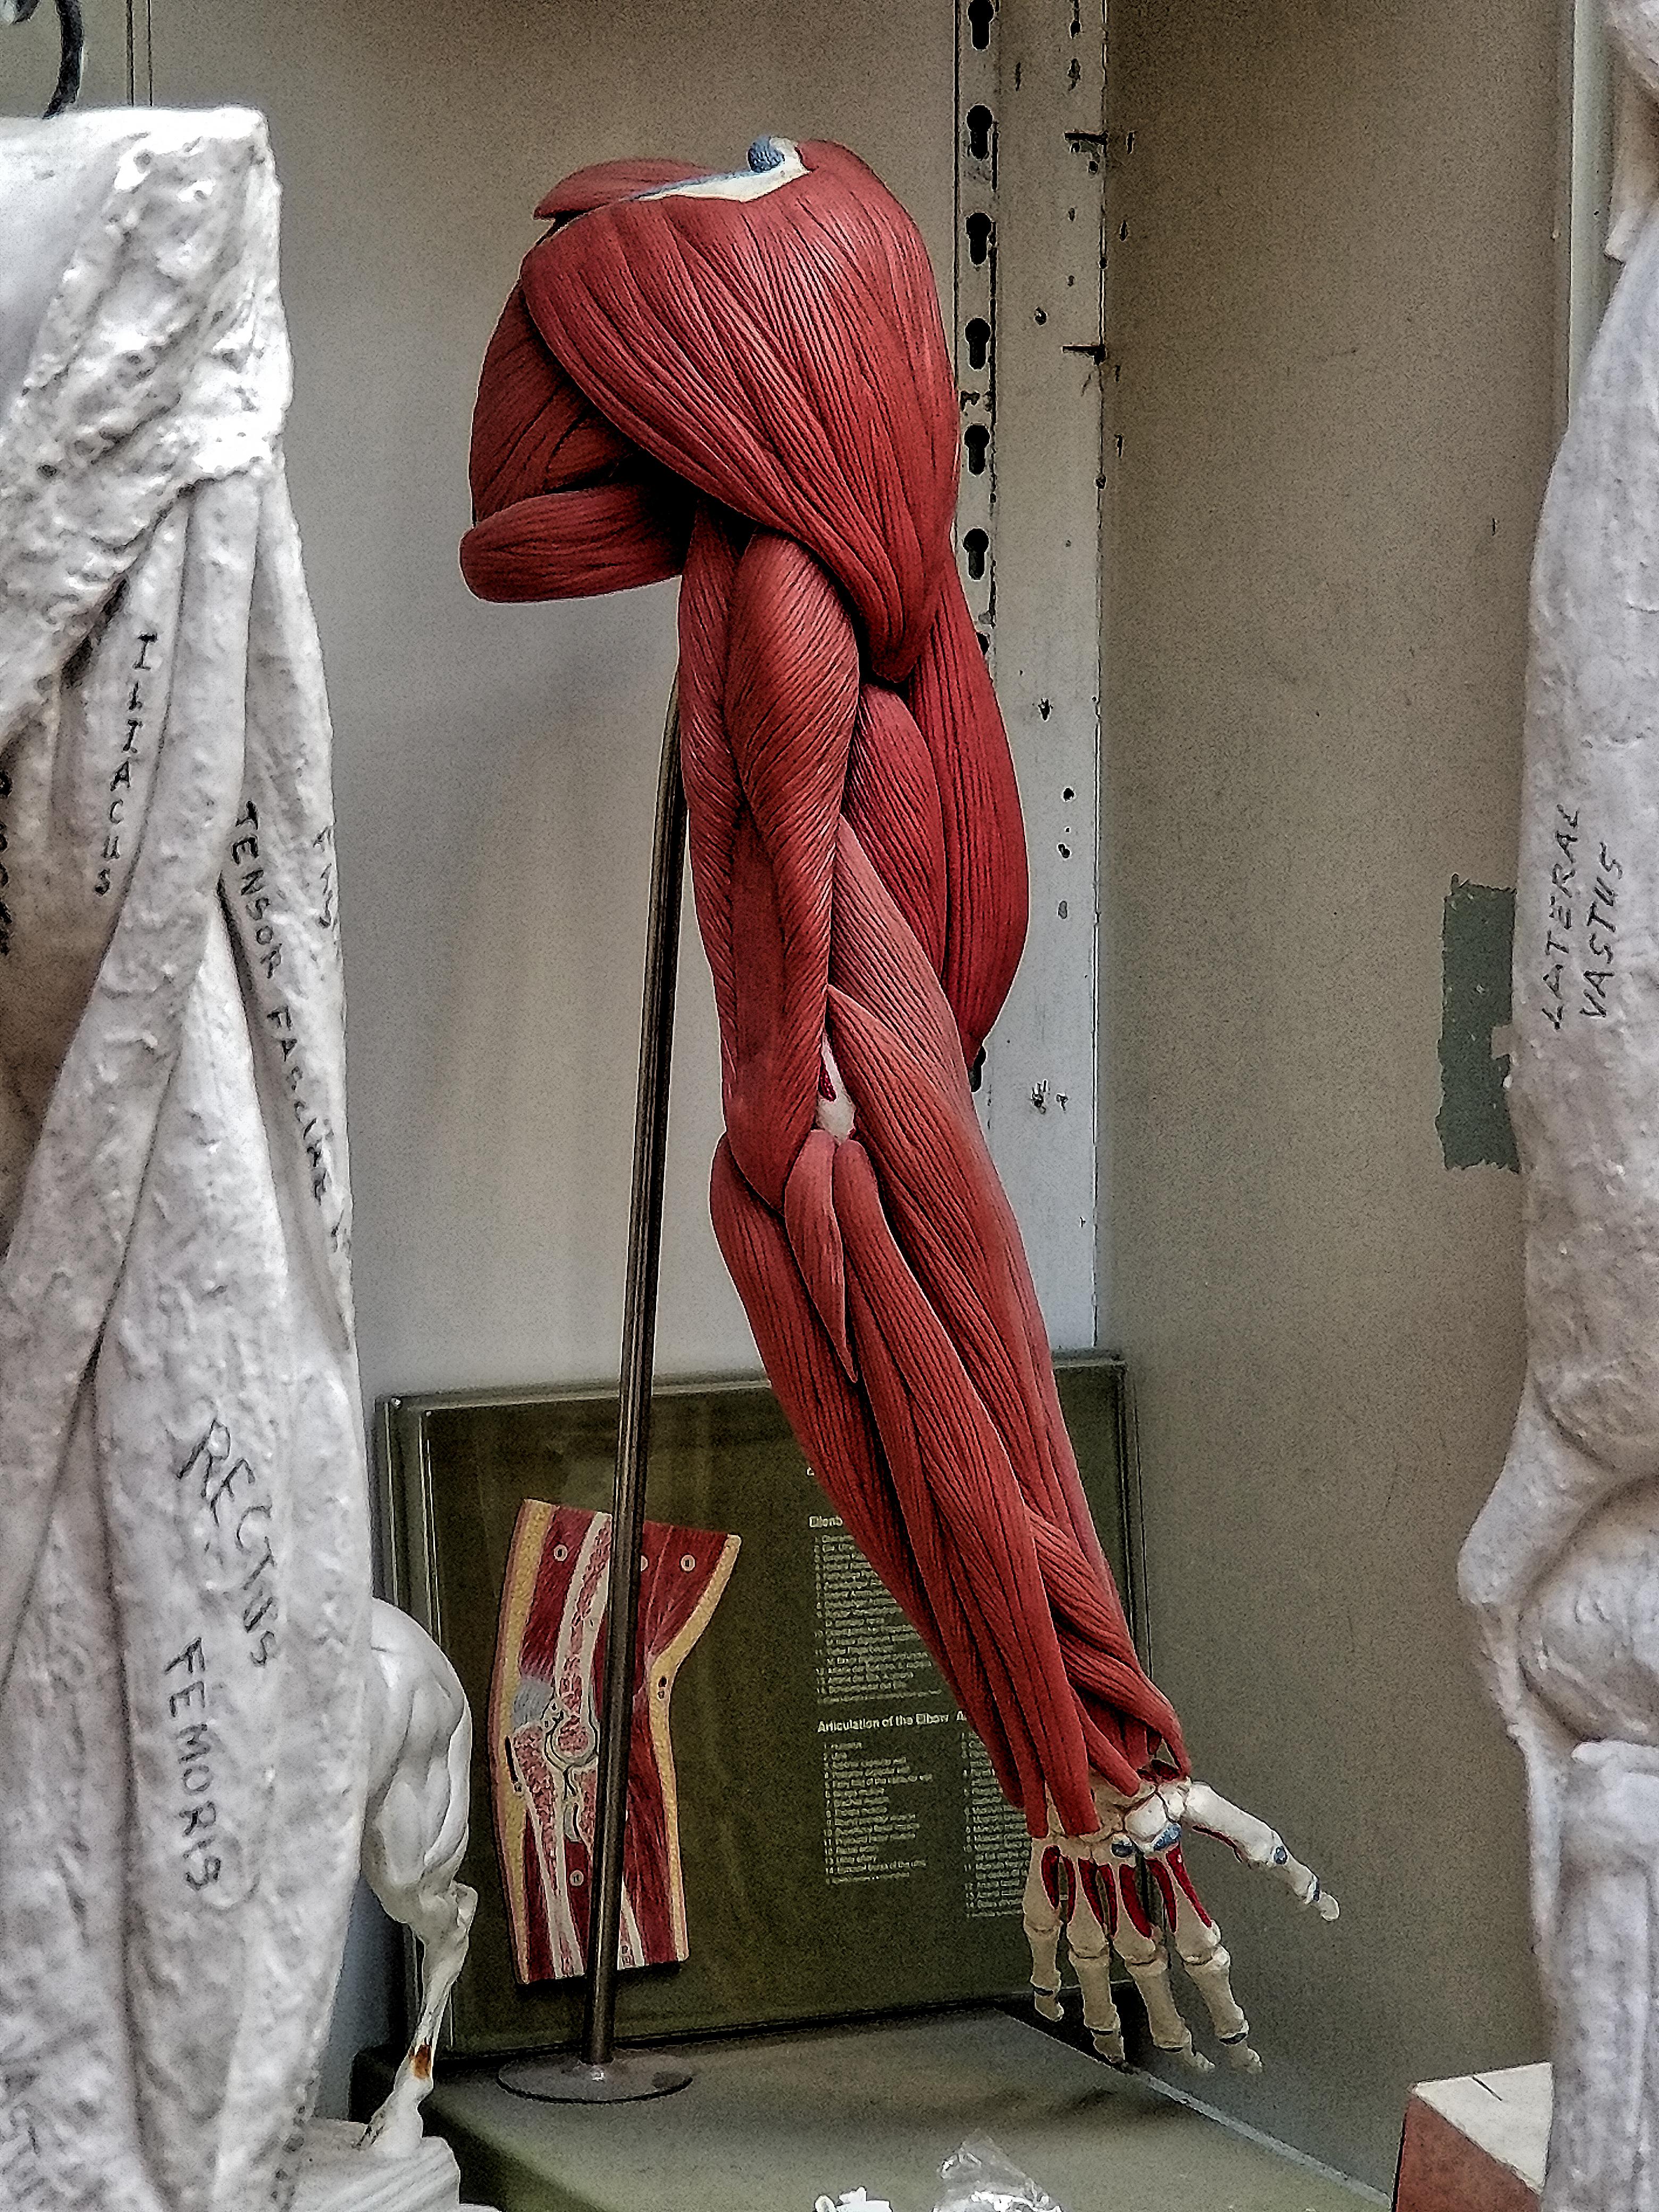 Anatomical Arm Flexible Detachable Muscles on Bones